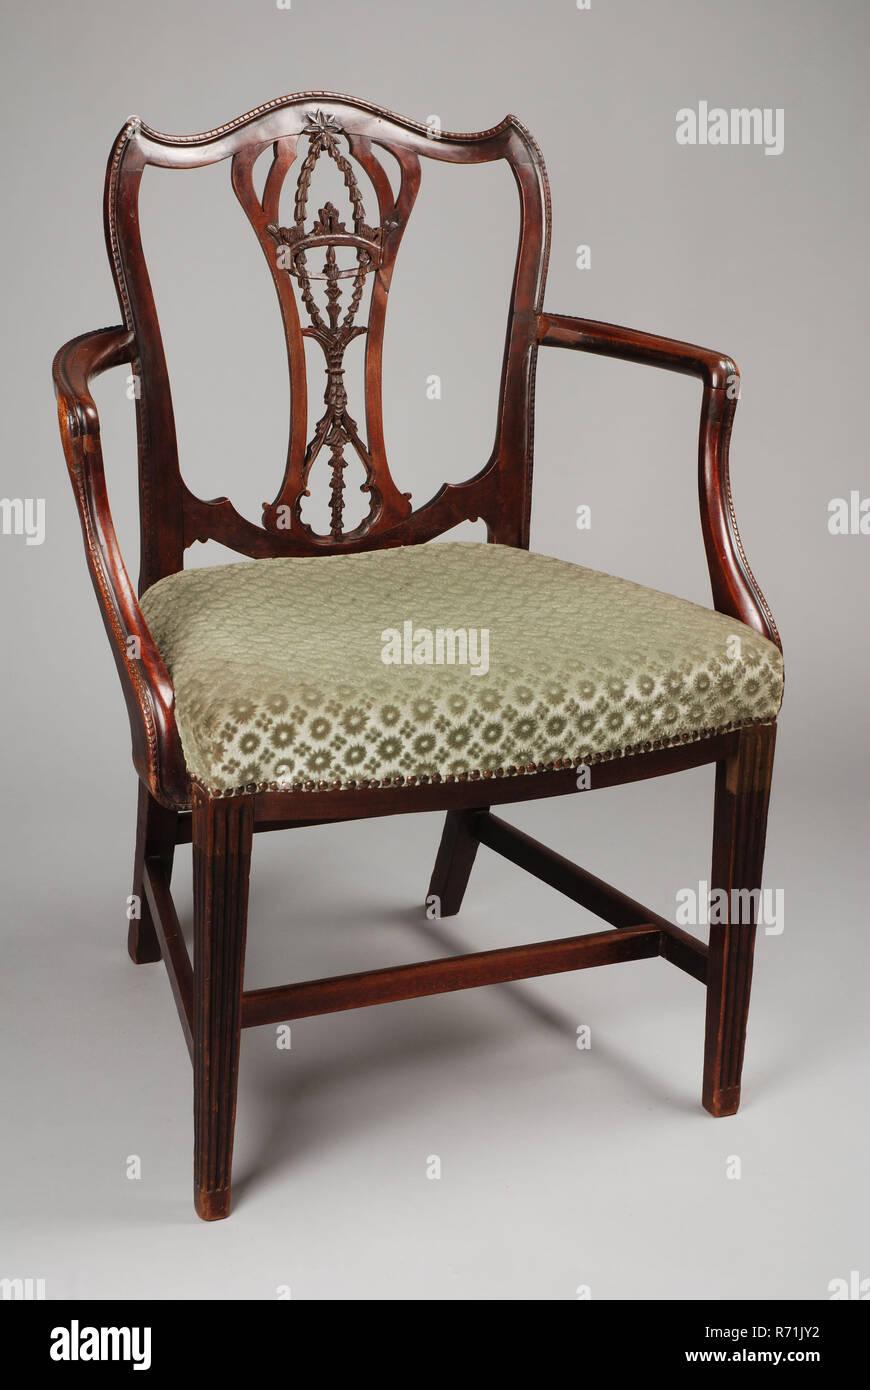 Stuhl Mahagoni Möbel SesselSessel möbel Chippendale eHIbWDE29Y